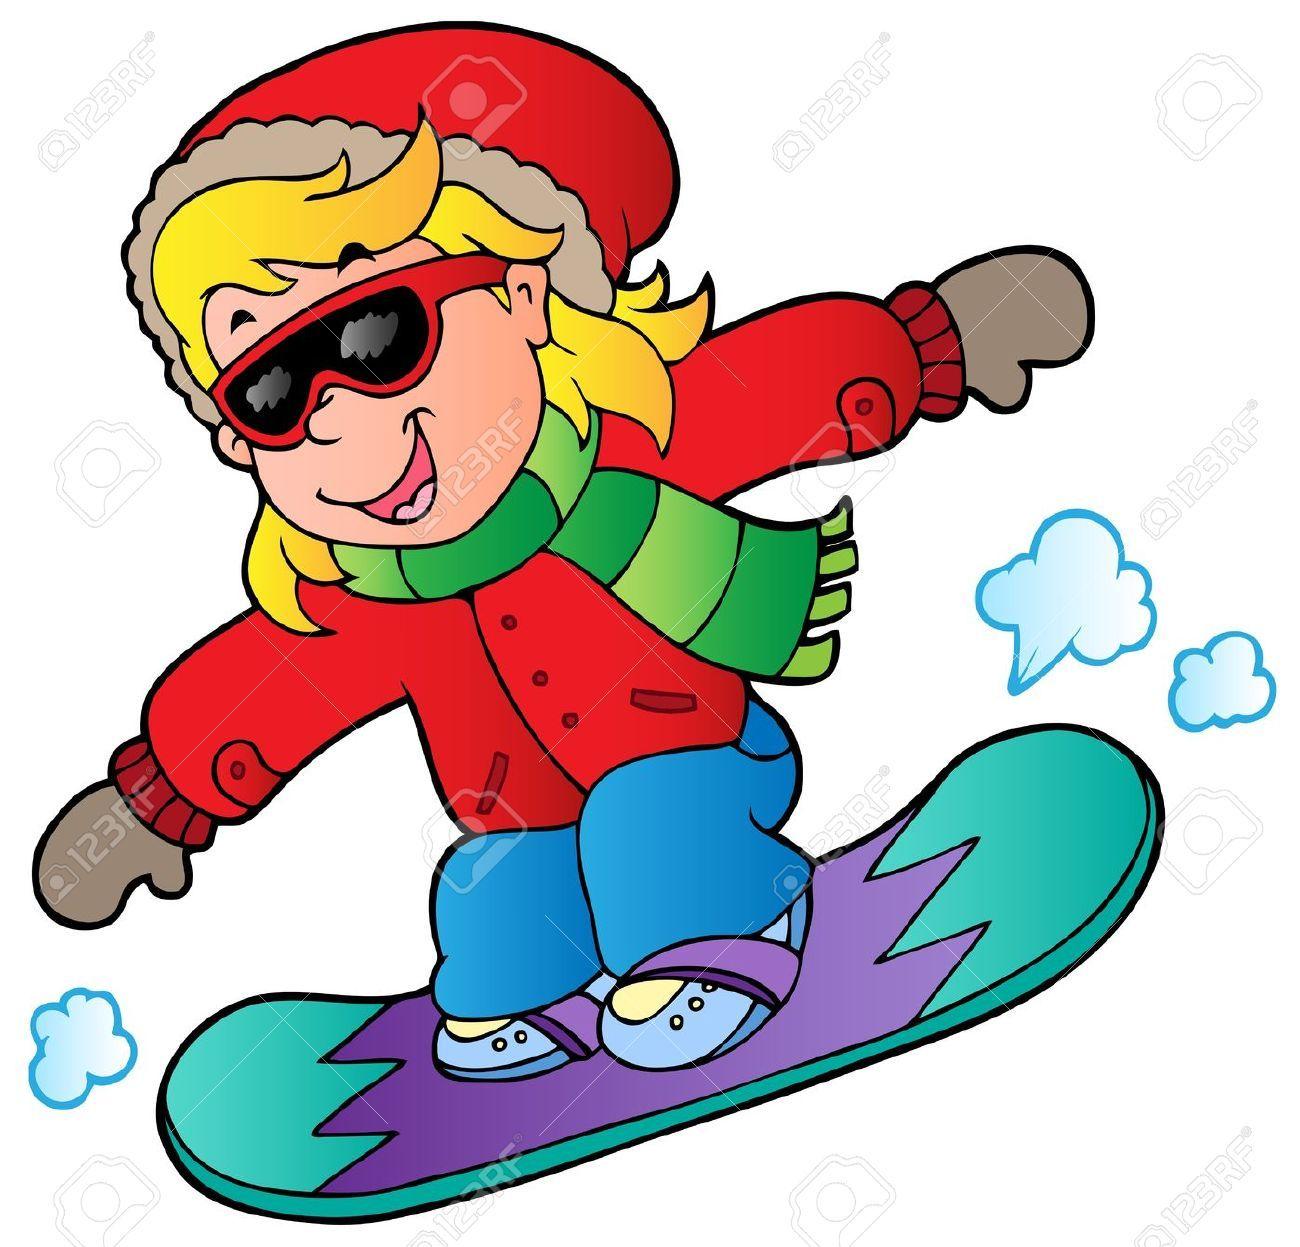 winter fun clipart google search art inspiration pinterest rh pinterest com winter sports cartoon clipart